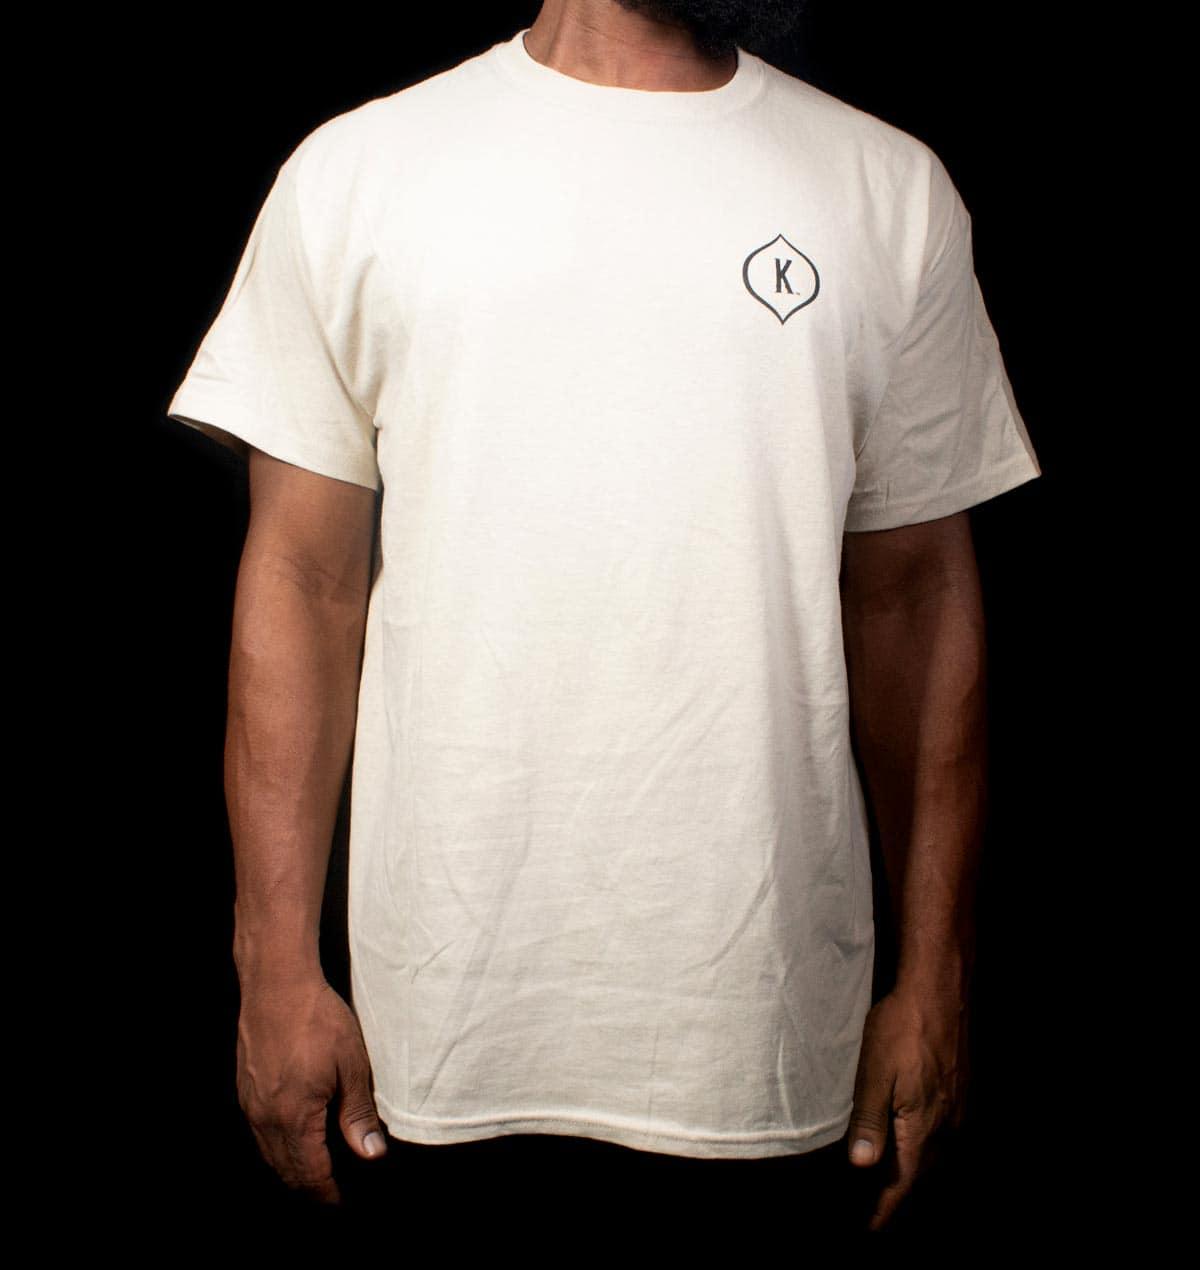 Kaya Decal White T-shirt